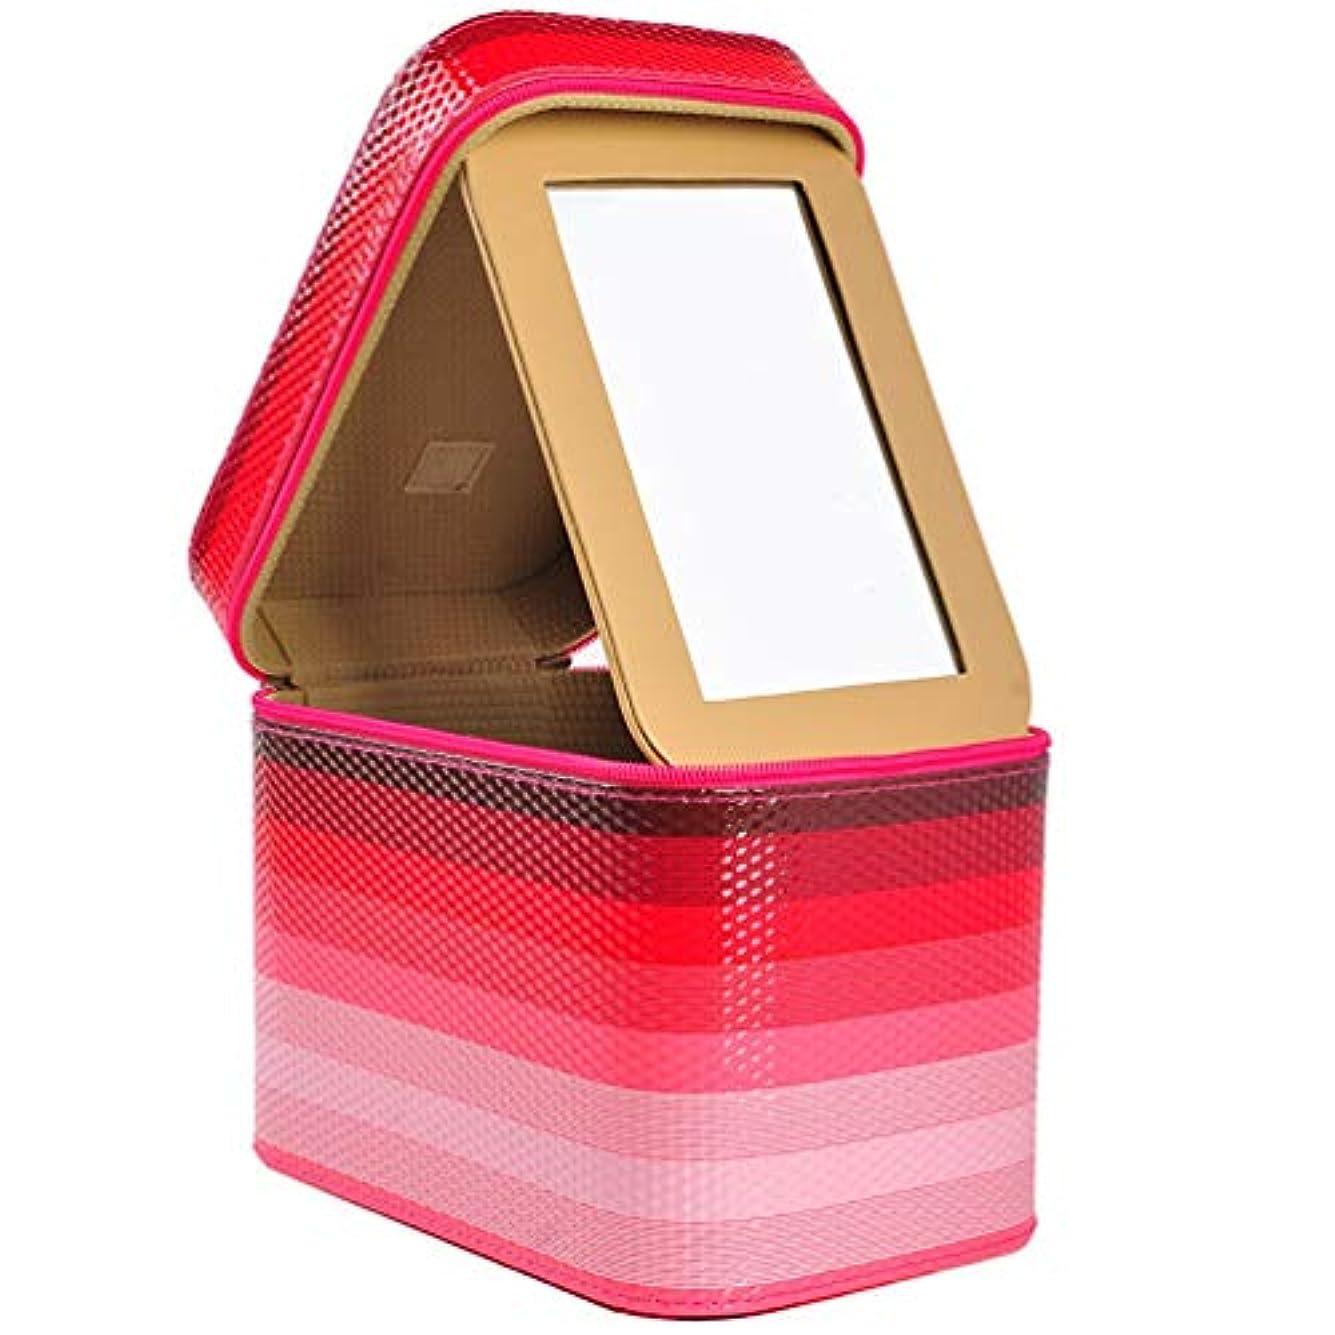 苗香り欲求不満[カタク]メイクボックス コスメボックス 大容量 鏡付き 化粧ボックス おしゃれ 取っ手付 携帯便利 化粧道具 メイクブラシ 小物 出張 旅行 機能的 PUレザー プロ仕様 きらきら 化粧ポーチ コスメBOX